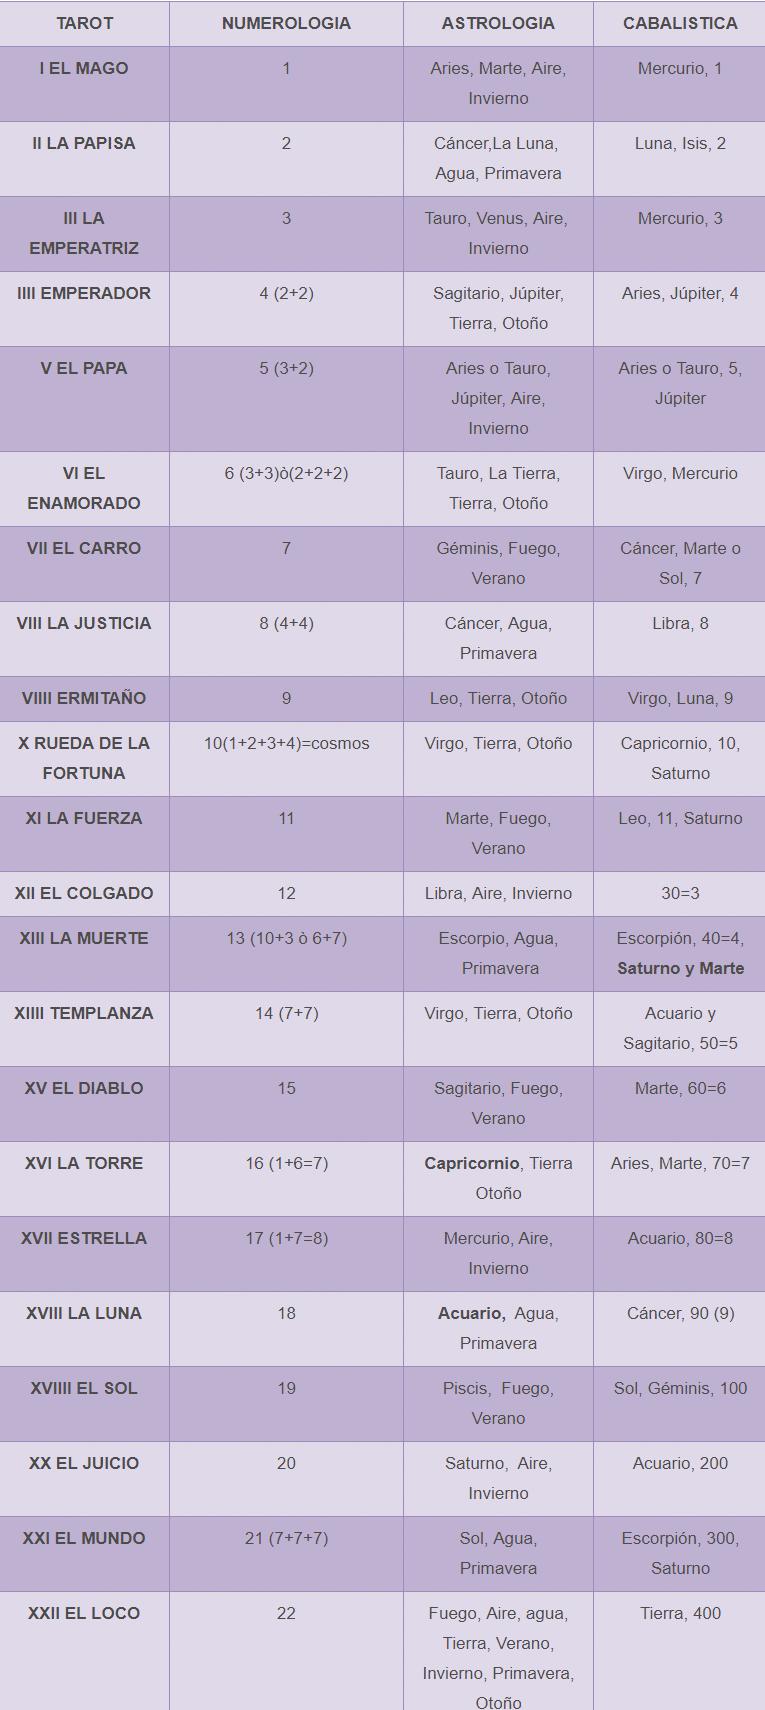 Cuadro comparativo entre Tarot, Astrología, Numerología y Cabalistica